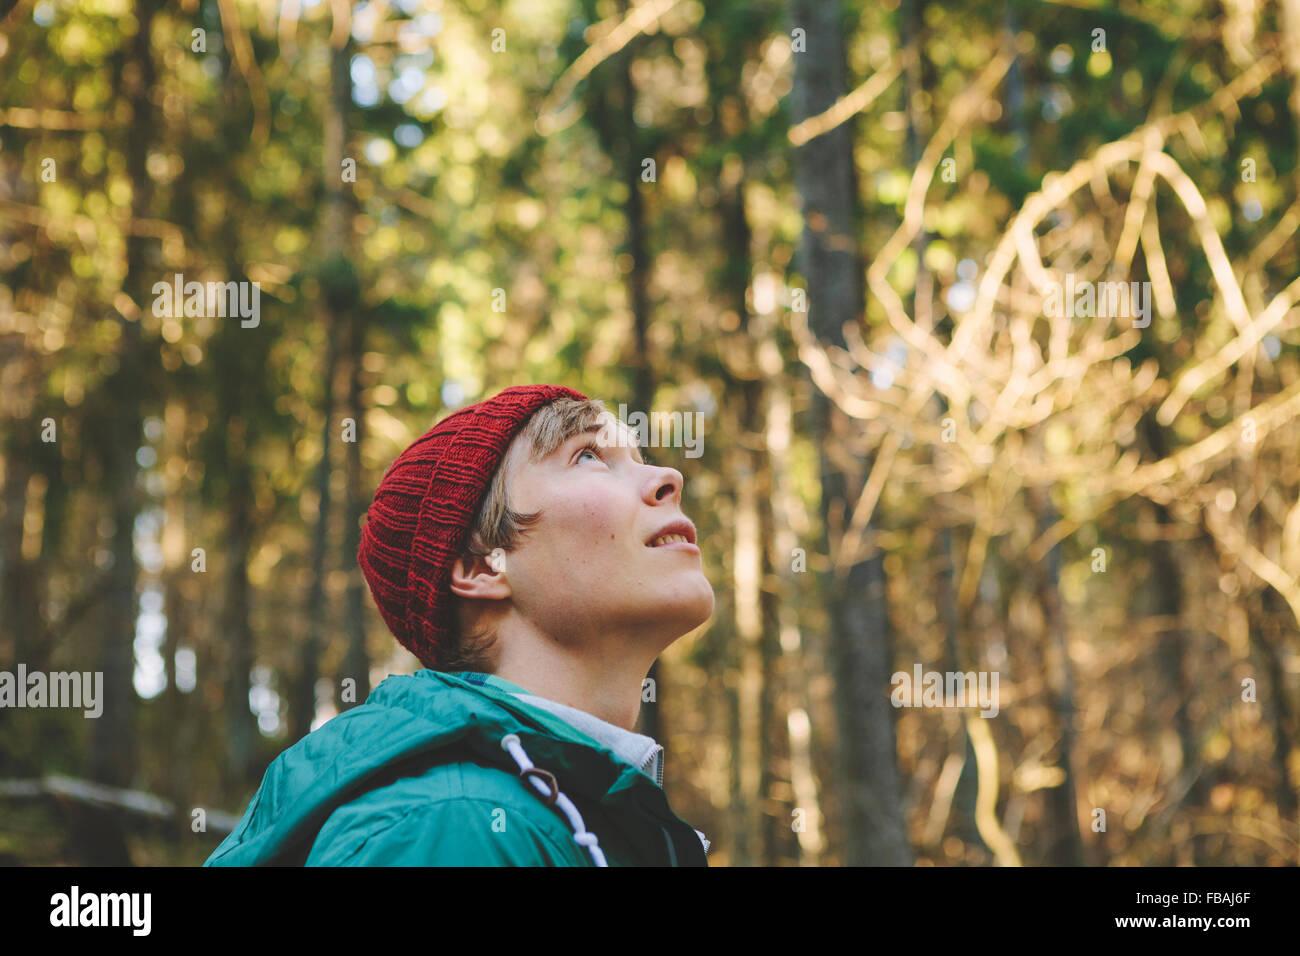 Finlandia, Esbo, Kvarntrask, Retrato de joven en el bosque, mirando hacia arriba Imagen De Stock